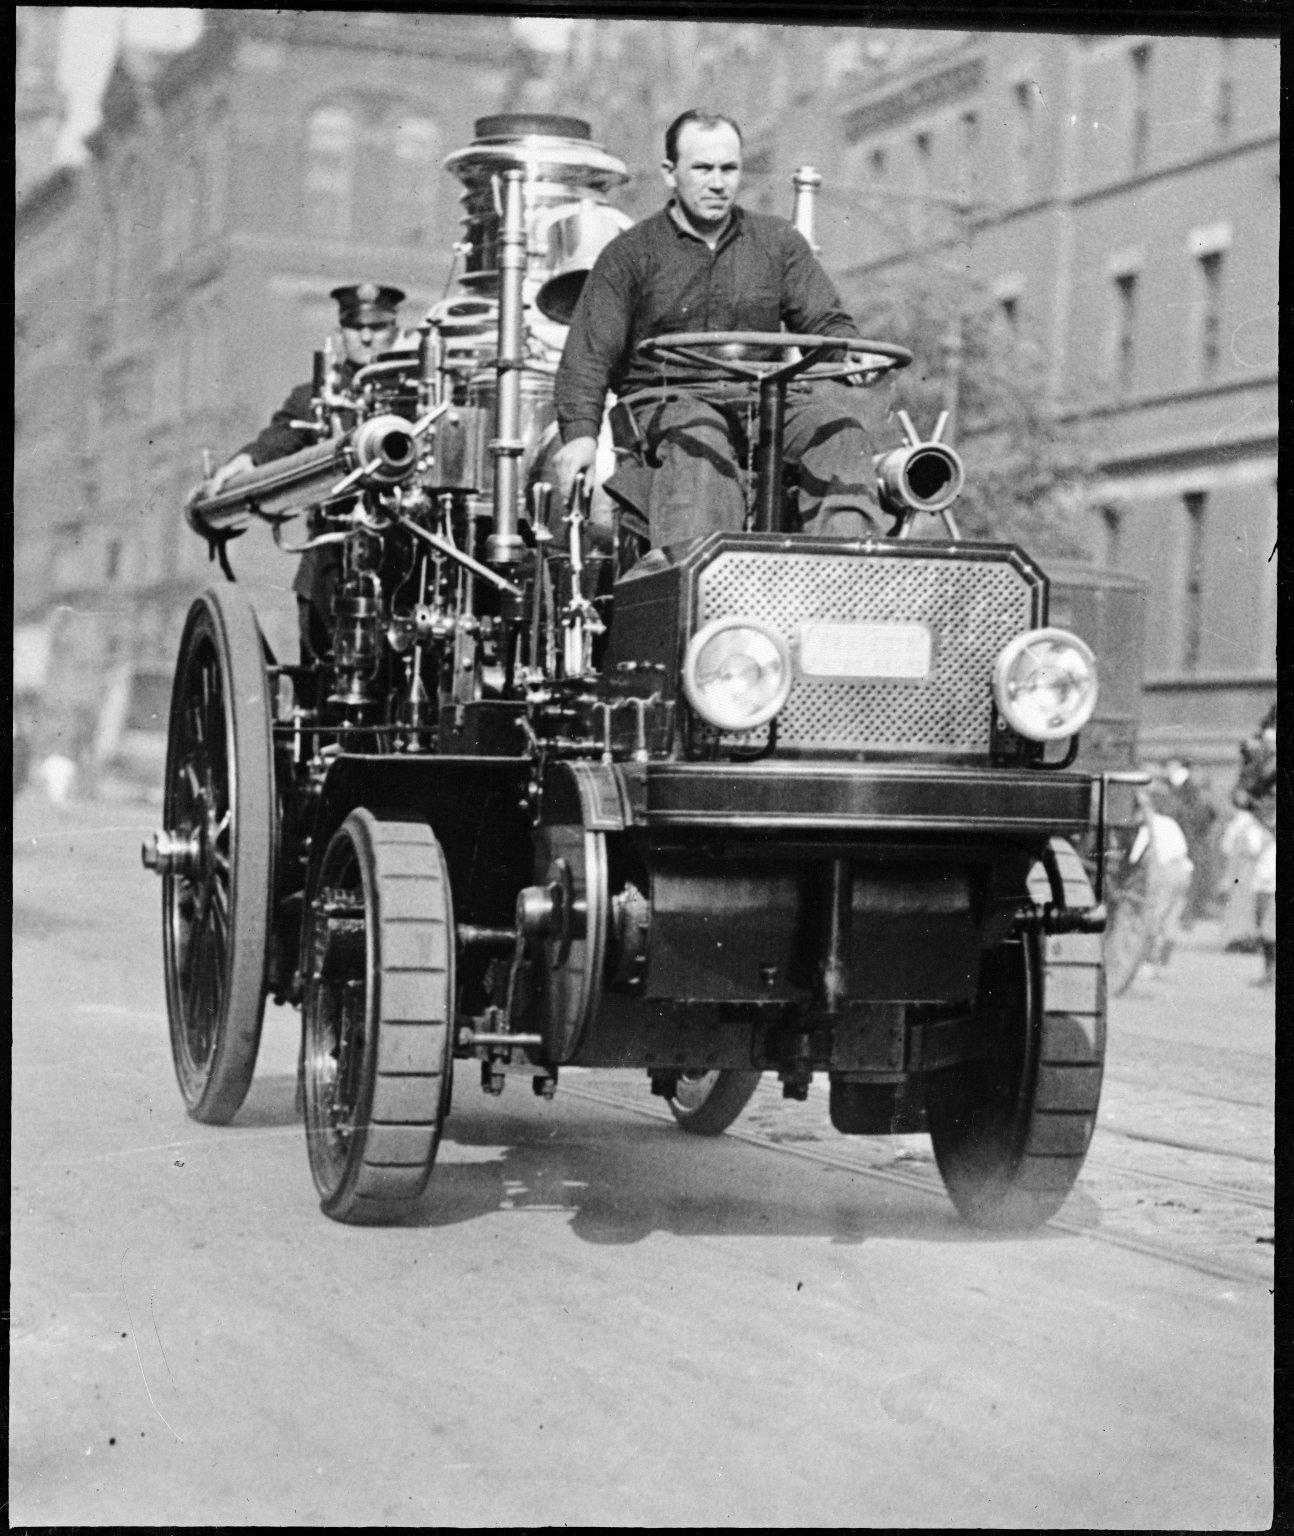 Моторизованный паровой пожарный насос. Нью-Йорк, США. Начало 20 века